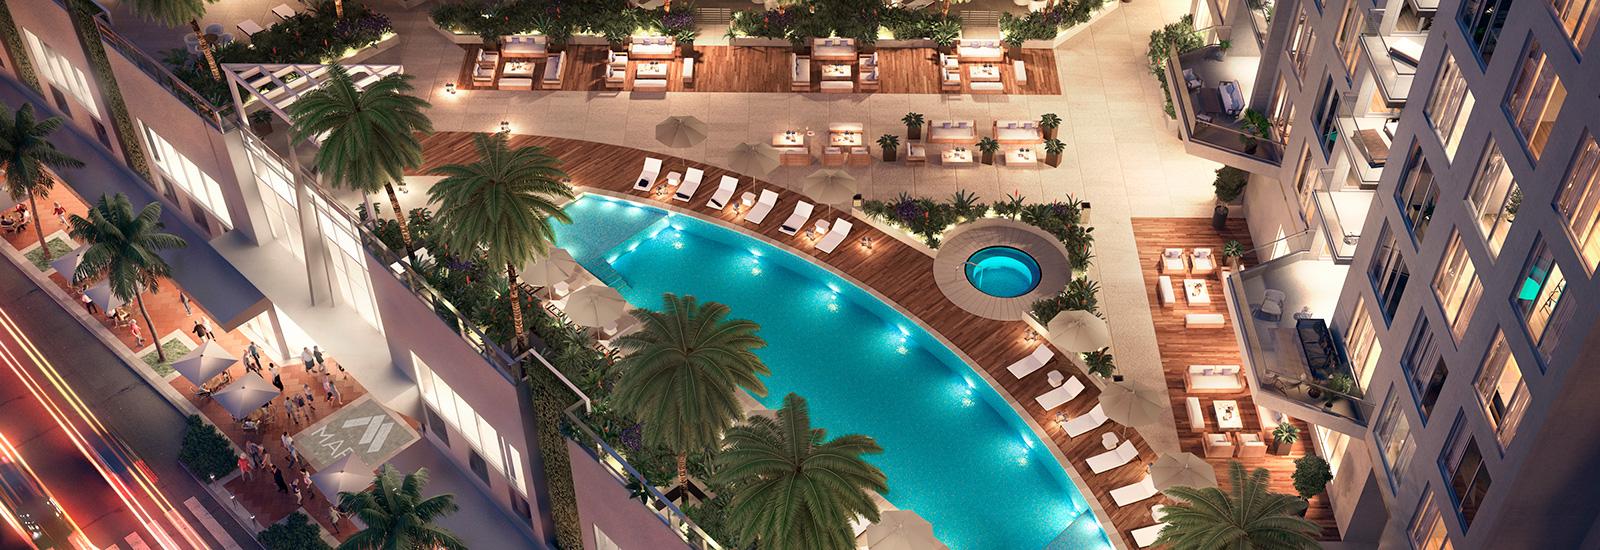 TheMark-pool_aerial.jpg